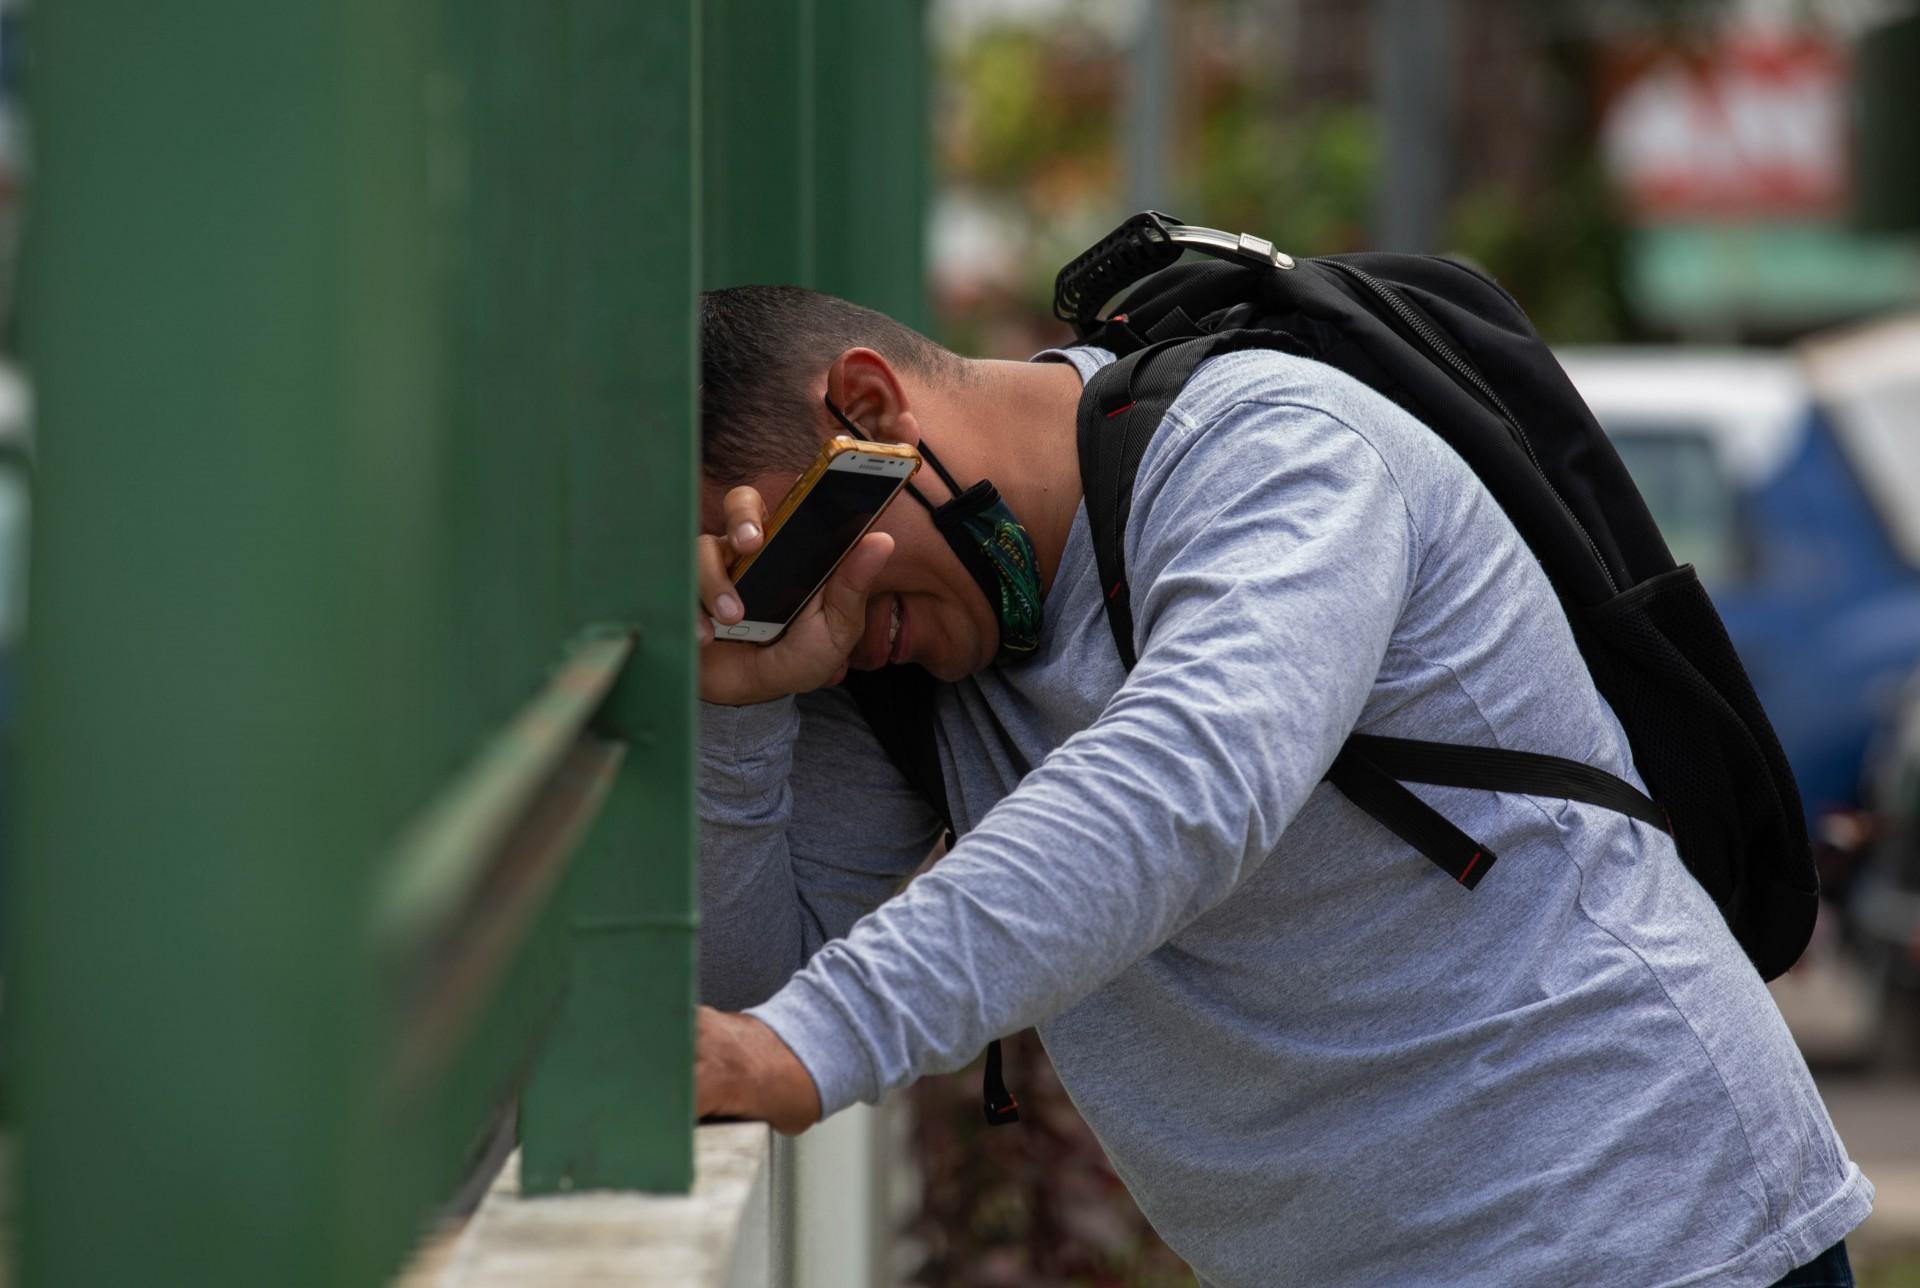 Um homem reage do lado de fora do Hospital 28 de Agosto em Manaus, Estado do Amazonas, Brasil, em 14 de janeiro de 2021, em meio à nova pandemia de coronavírus COVID-19. - Manaus está enfrentando uma escassez de suprimentos de oxigênio e espaço para leitos, pois a cidade foi invadida por um segundo aumento de casos e mortes de COVID-19. (Foto de Michael DANTAS / AFP)